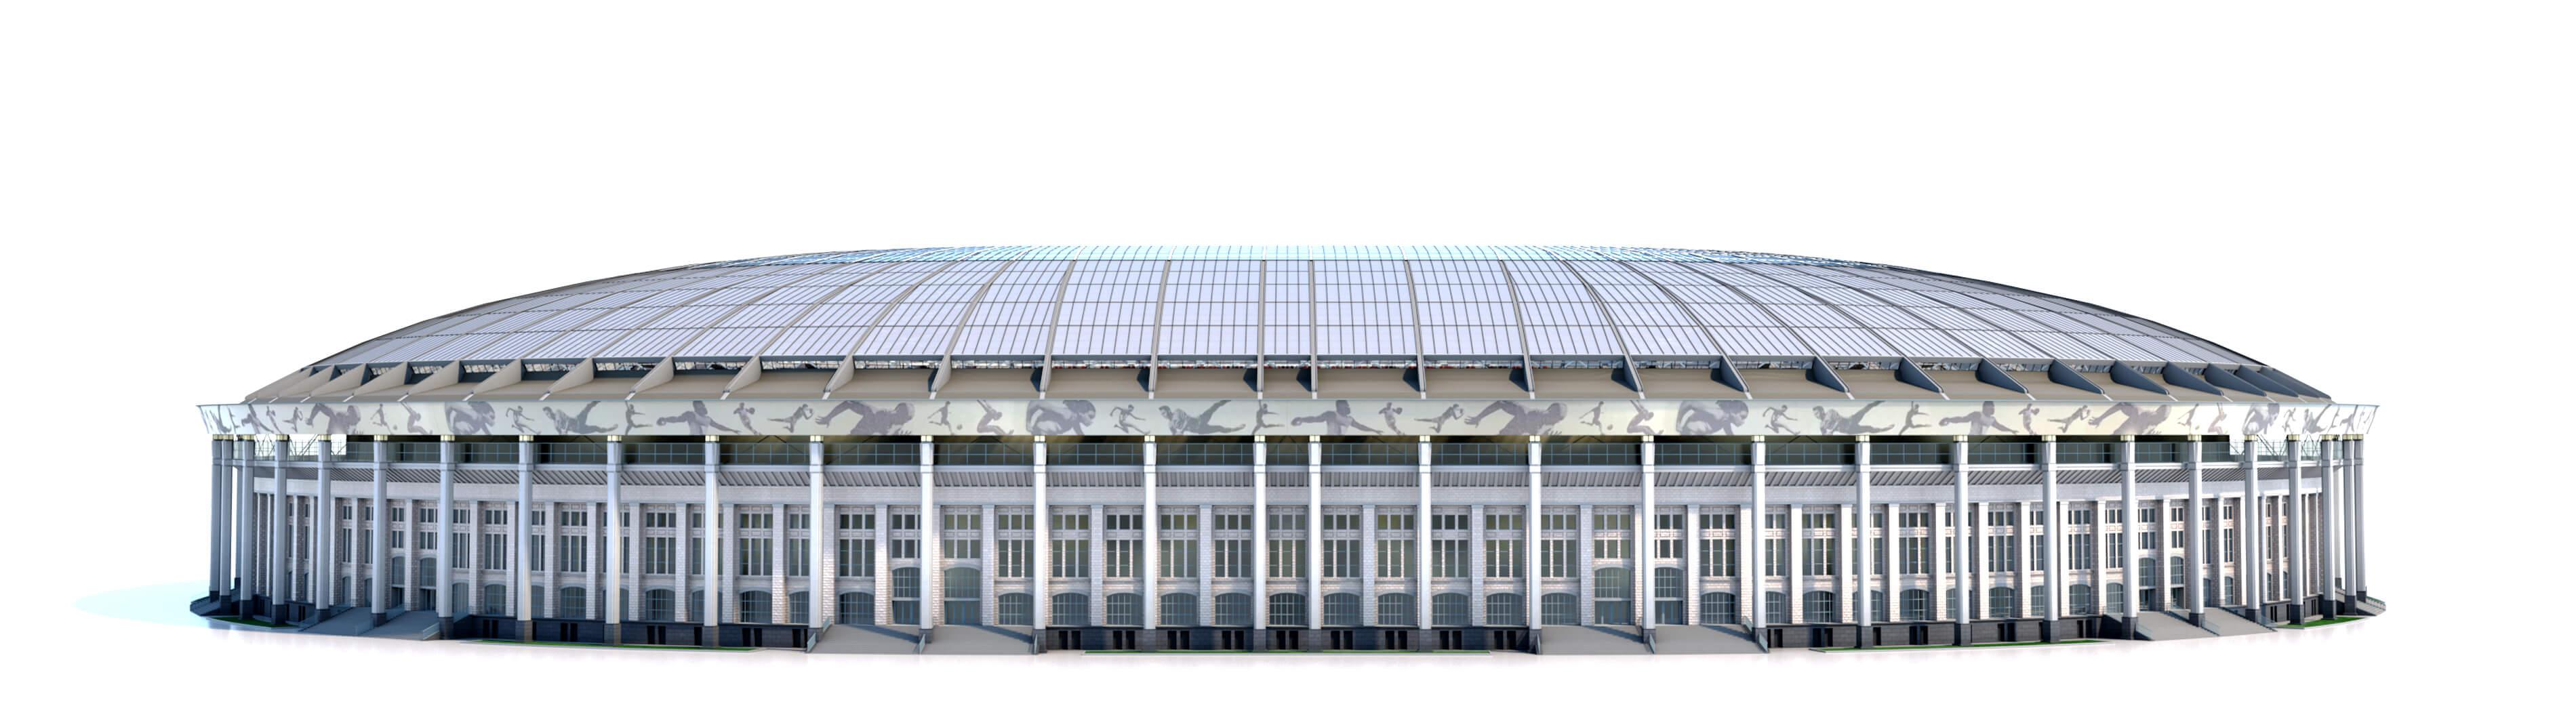 Fachada do novo estádio Olímpico Lujniki